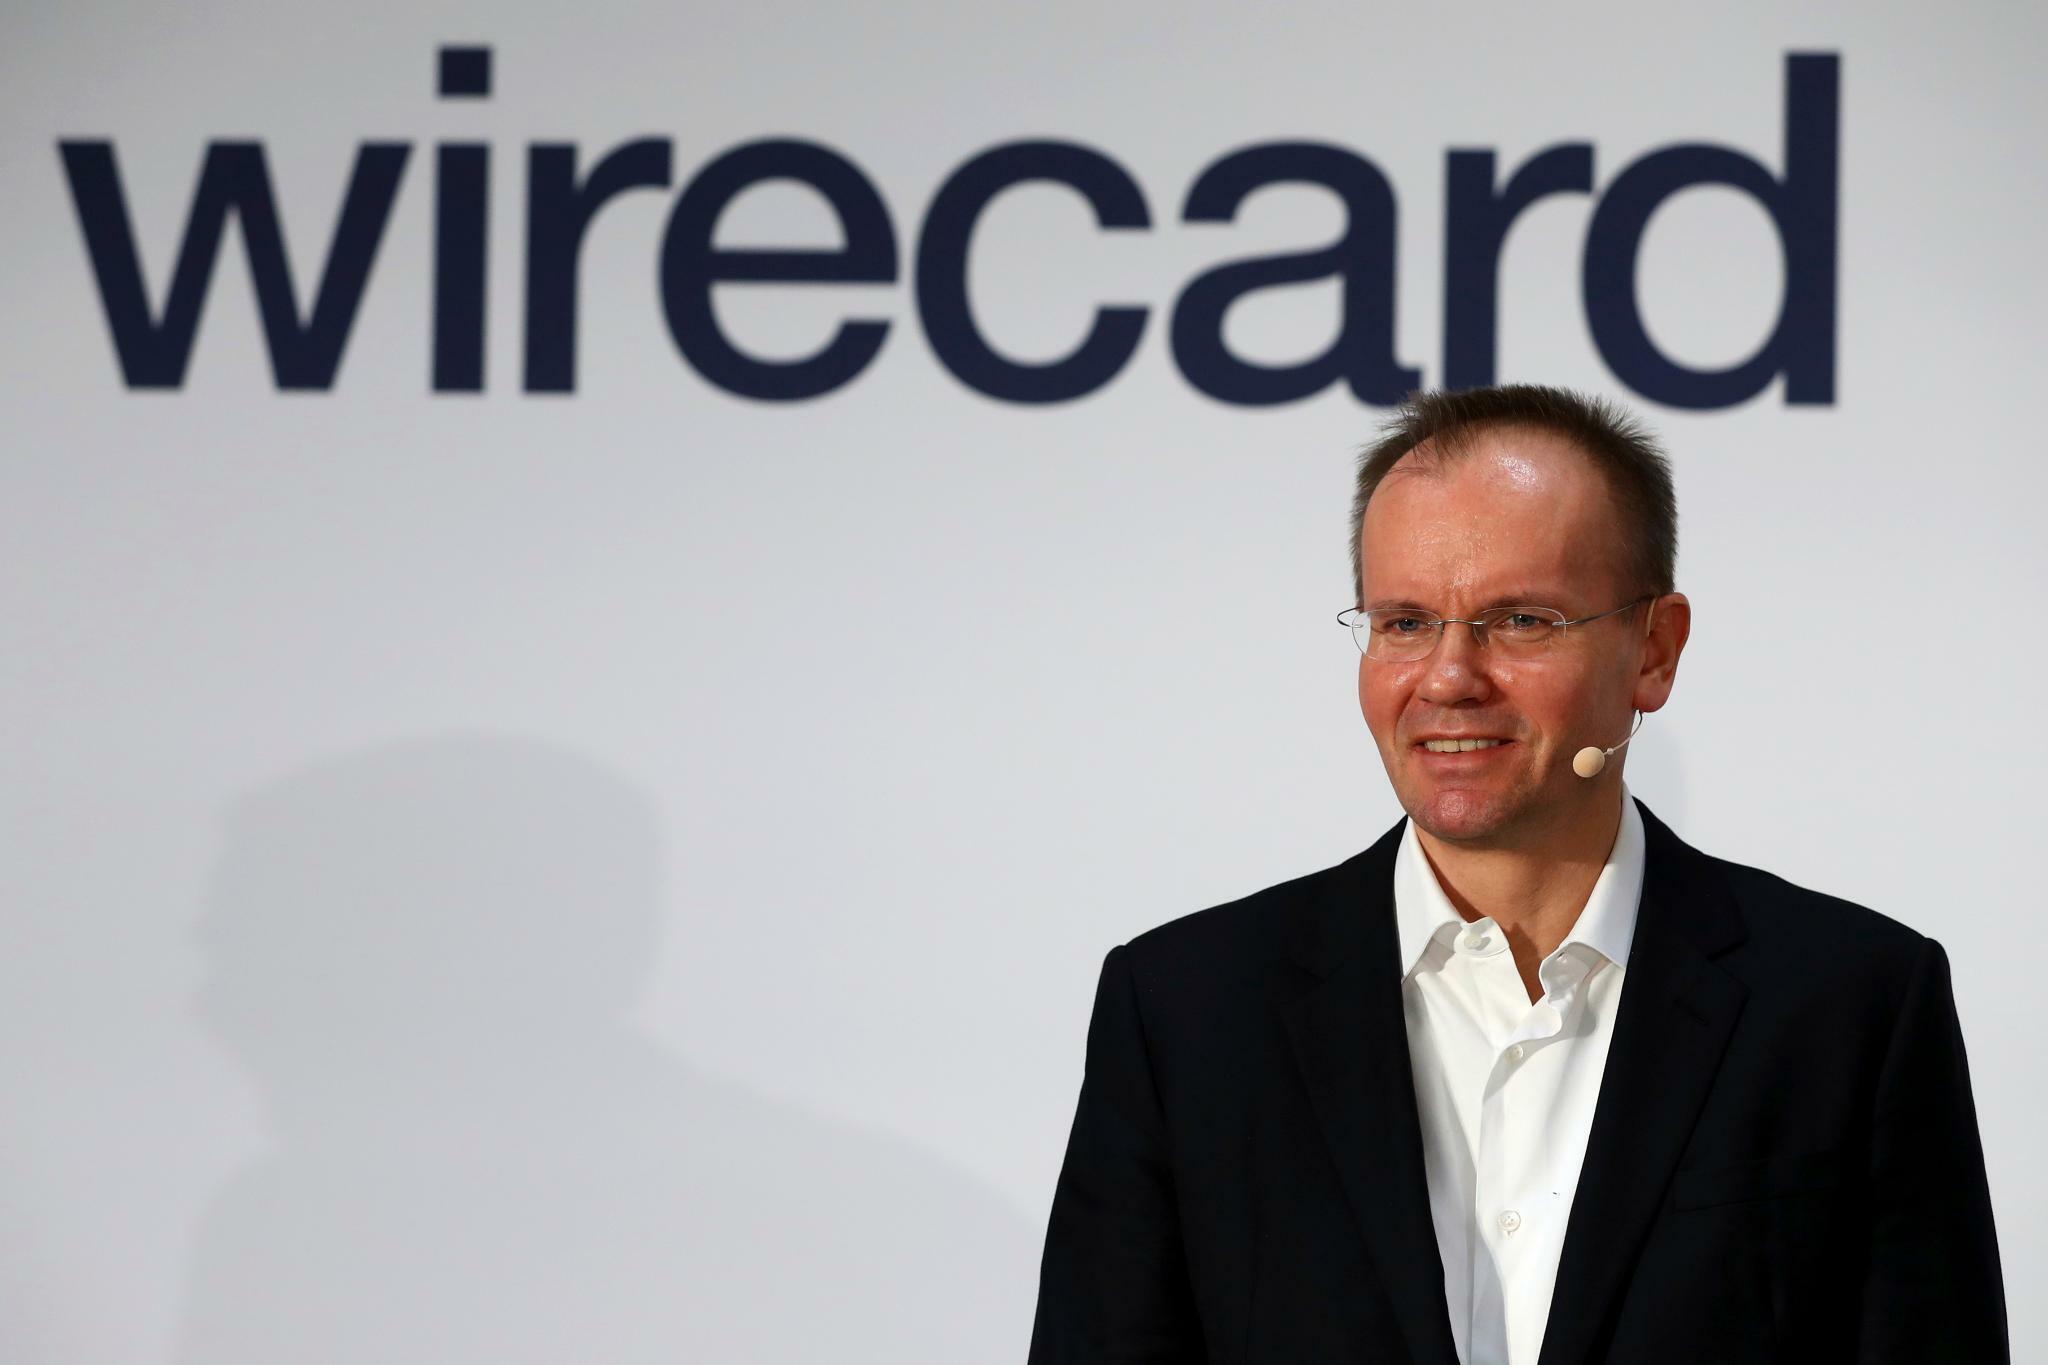 Wie Wirecards Datenschatz künftig die Umsätze steigern soll